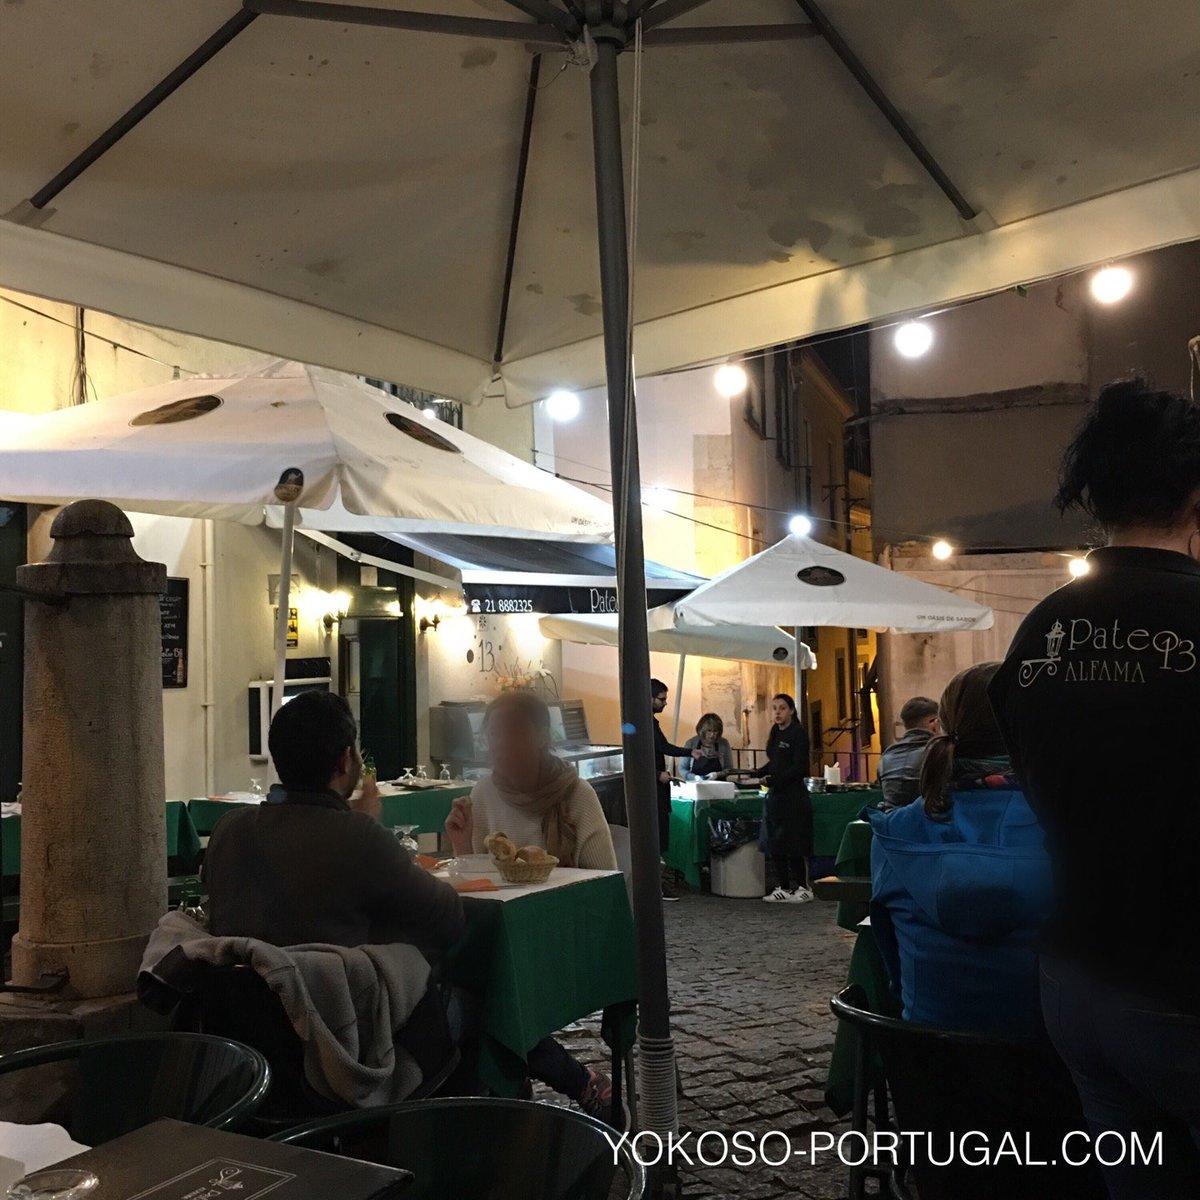 test ツイッターメディア - リスボン、アルファマ地区路地にある雰囲気最高のレストラン。大きな木の下のテラス席のみなので、冬はお休みになります。 (@ Páteo 13 in Lisboa, Lisbon) https://t.co/mbRfpio1er https://t.co/gXU5ojuCSI